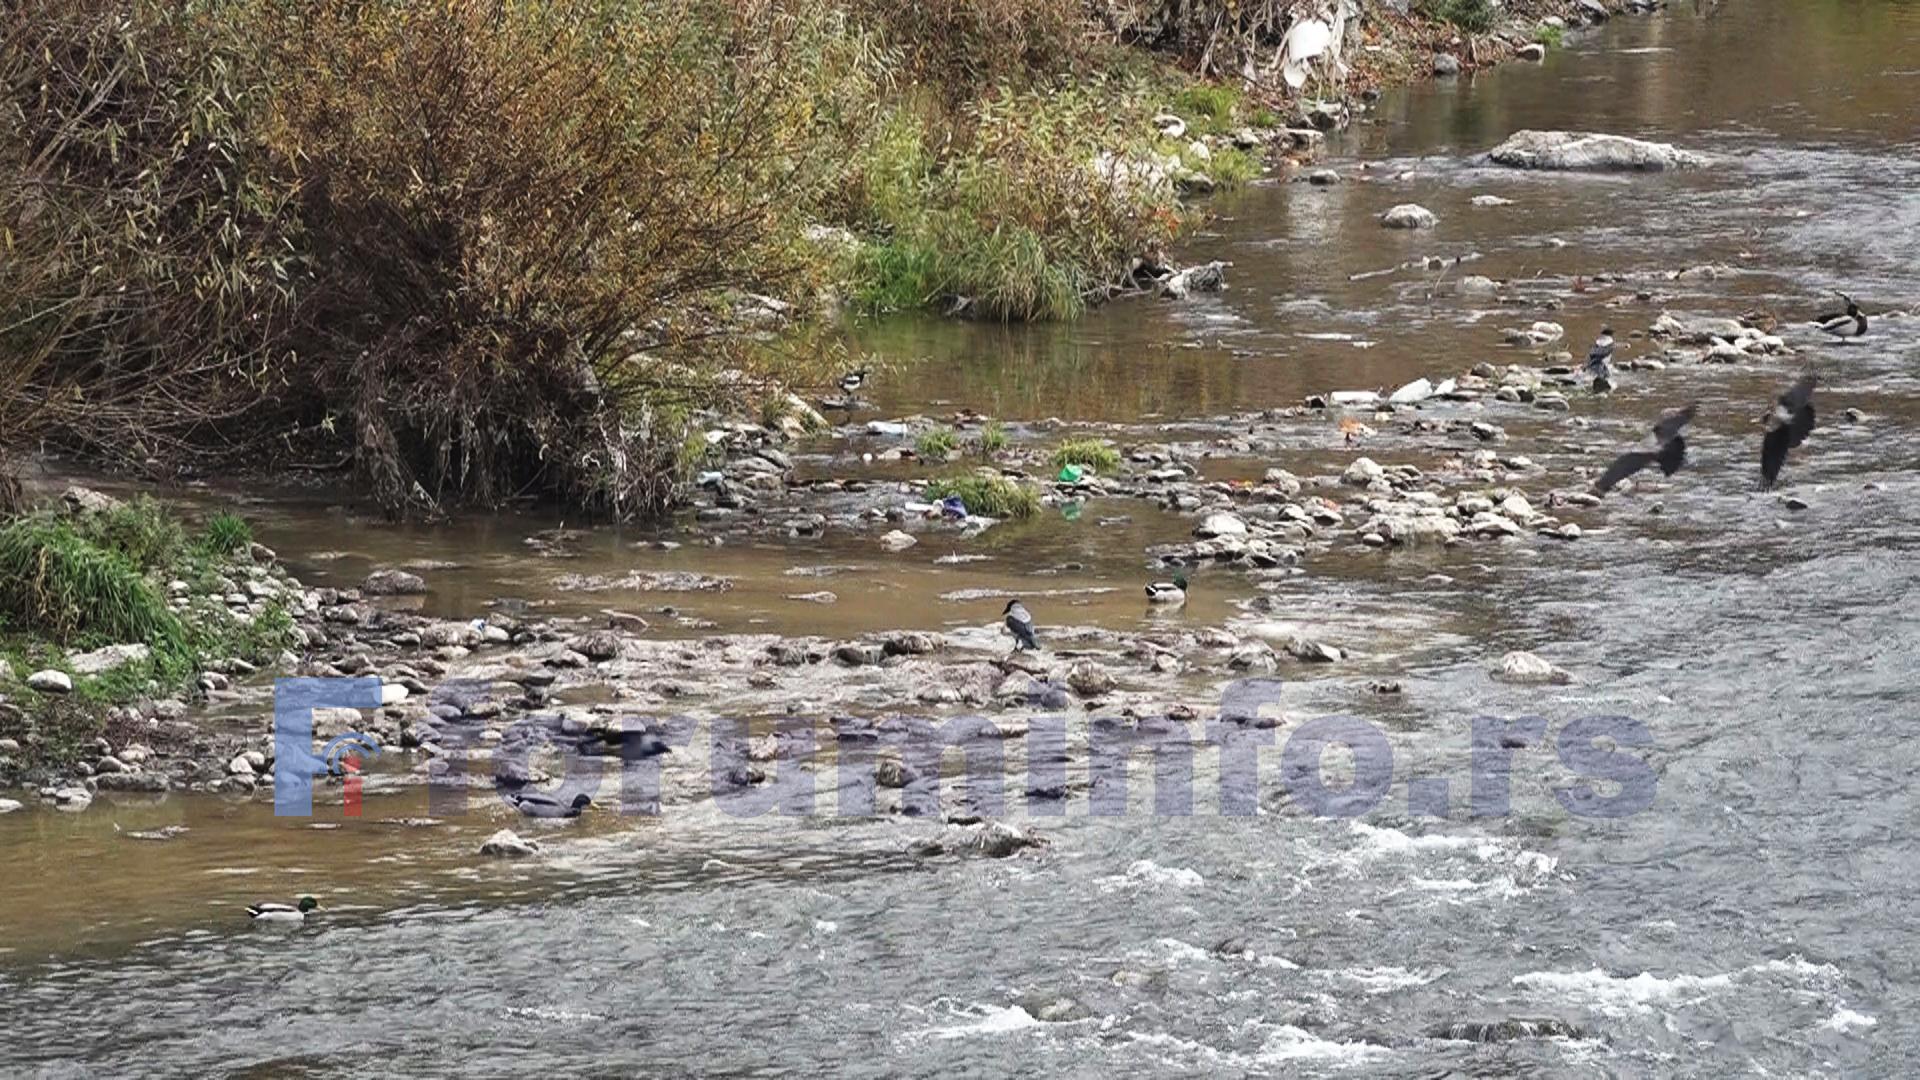 Дуг пут до постројења за пречишћавање отпадних вода – Новац највећи проблем